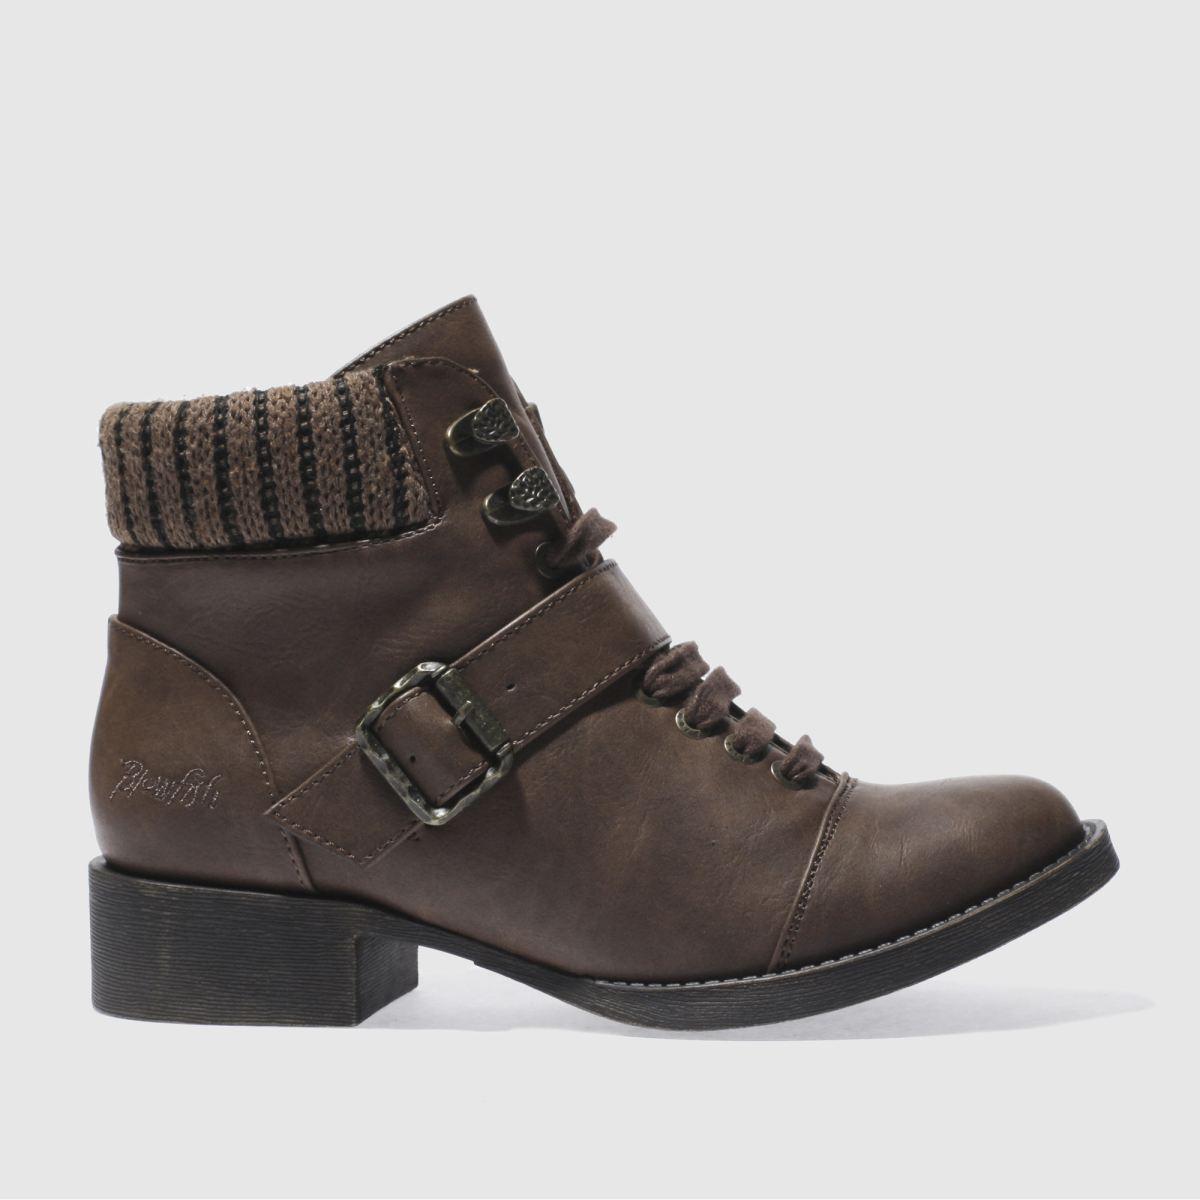 blowfish brown karrie boots